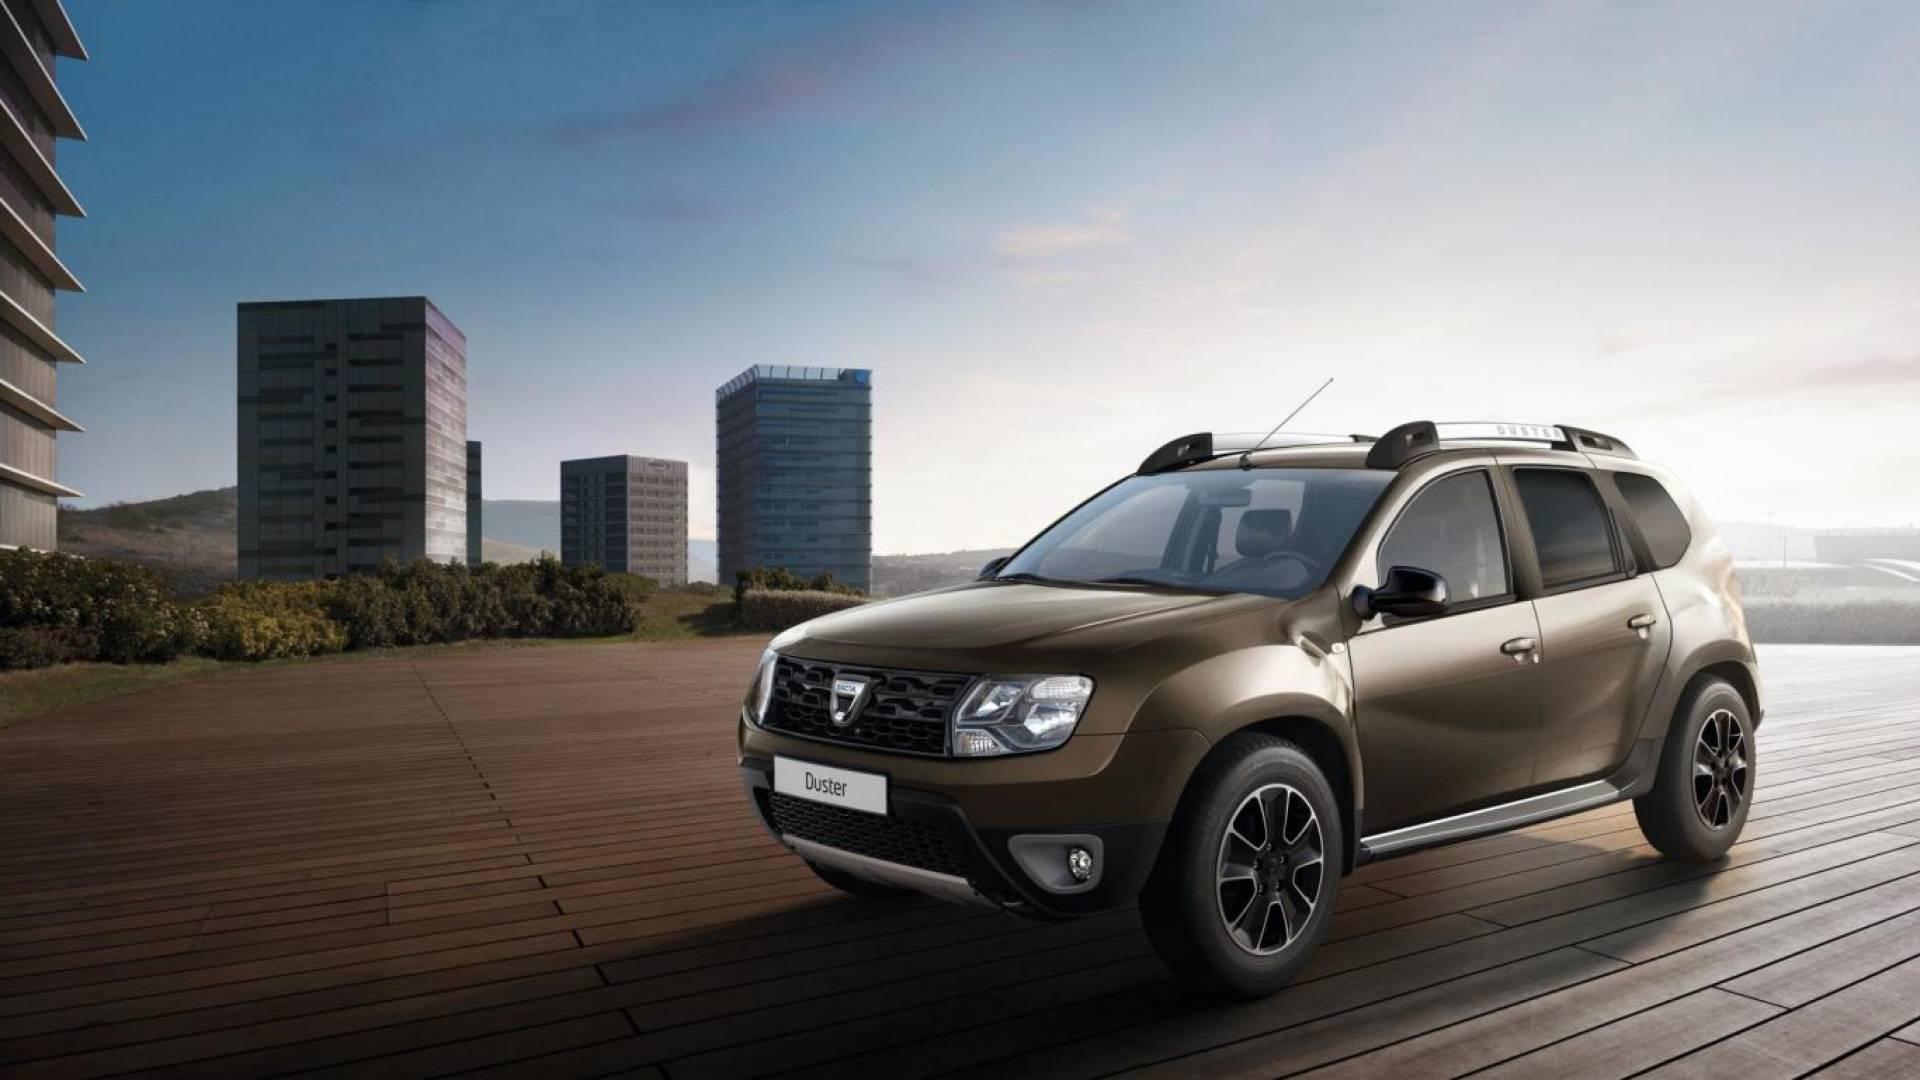 Dacia duster precios prueba ficha t cnica y fotos for Dacia duster foto